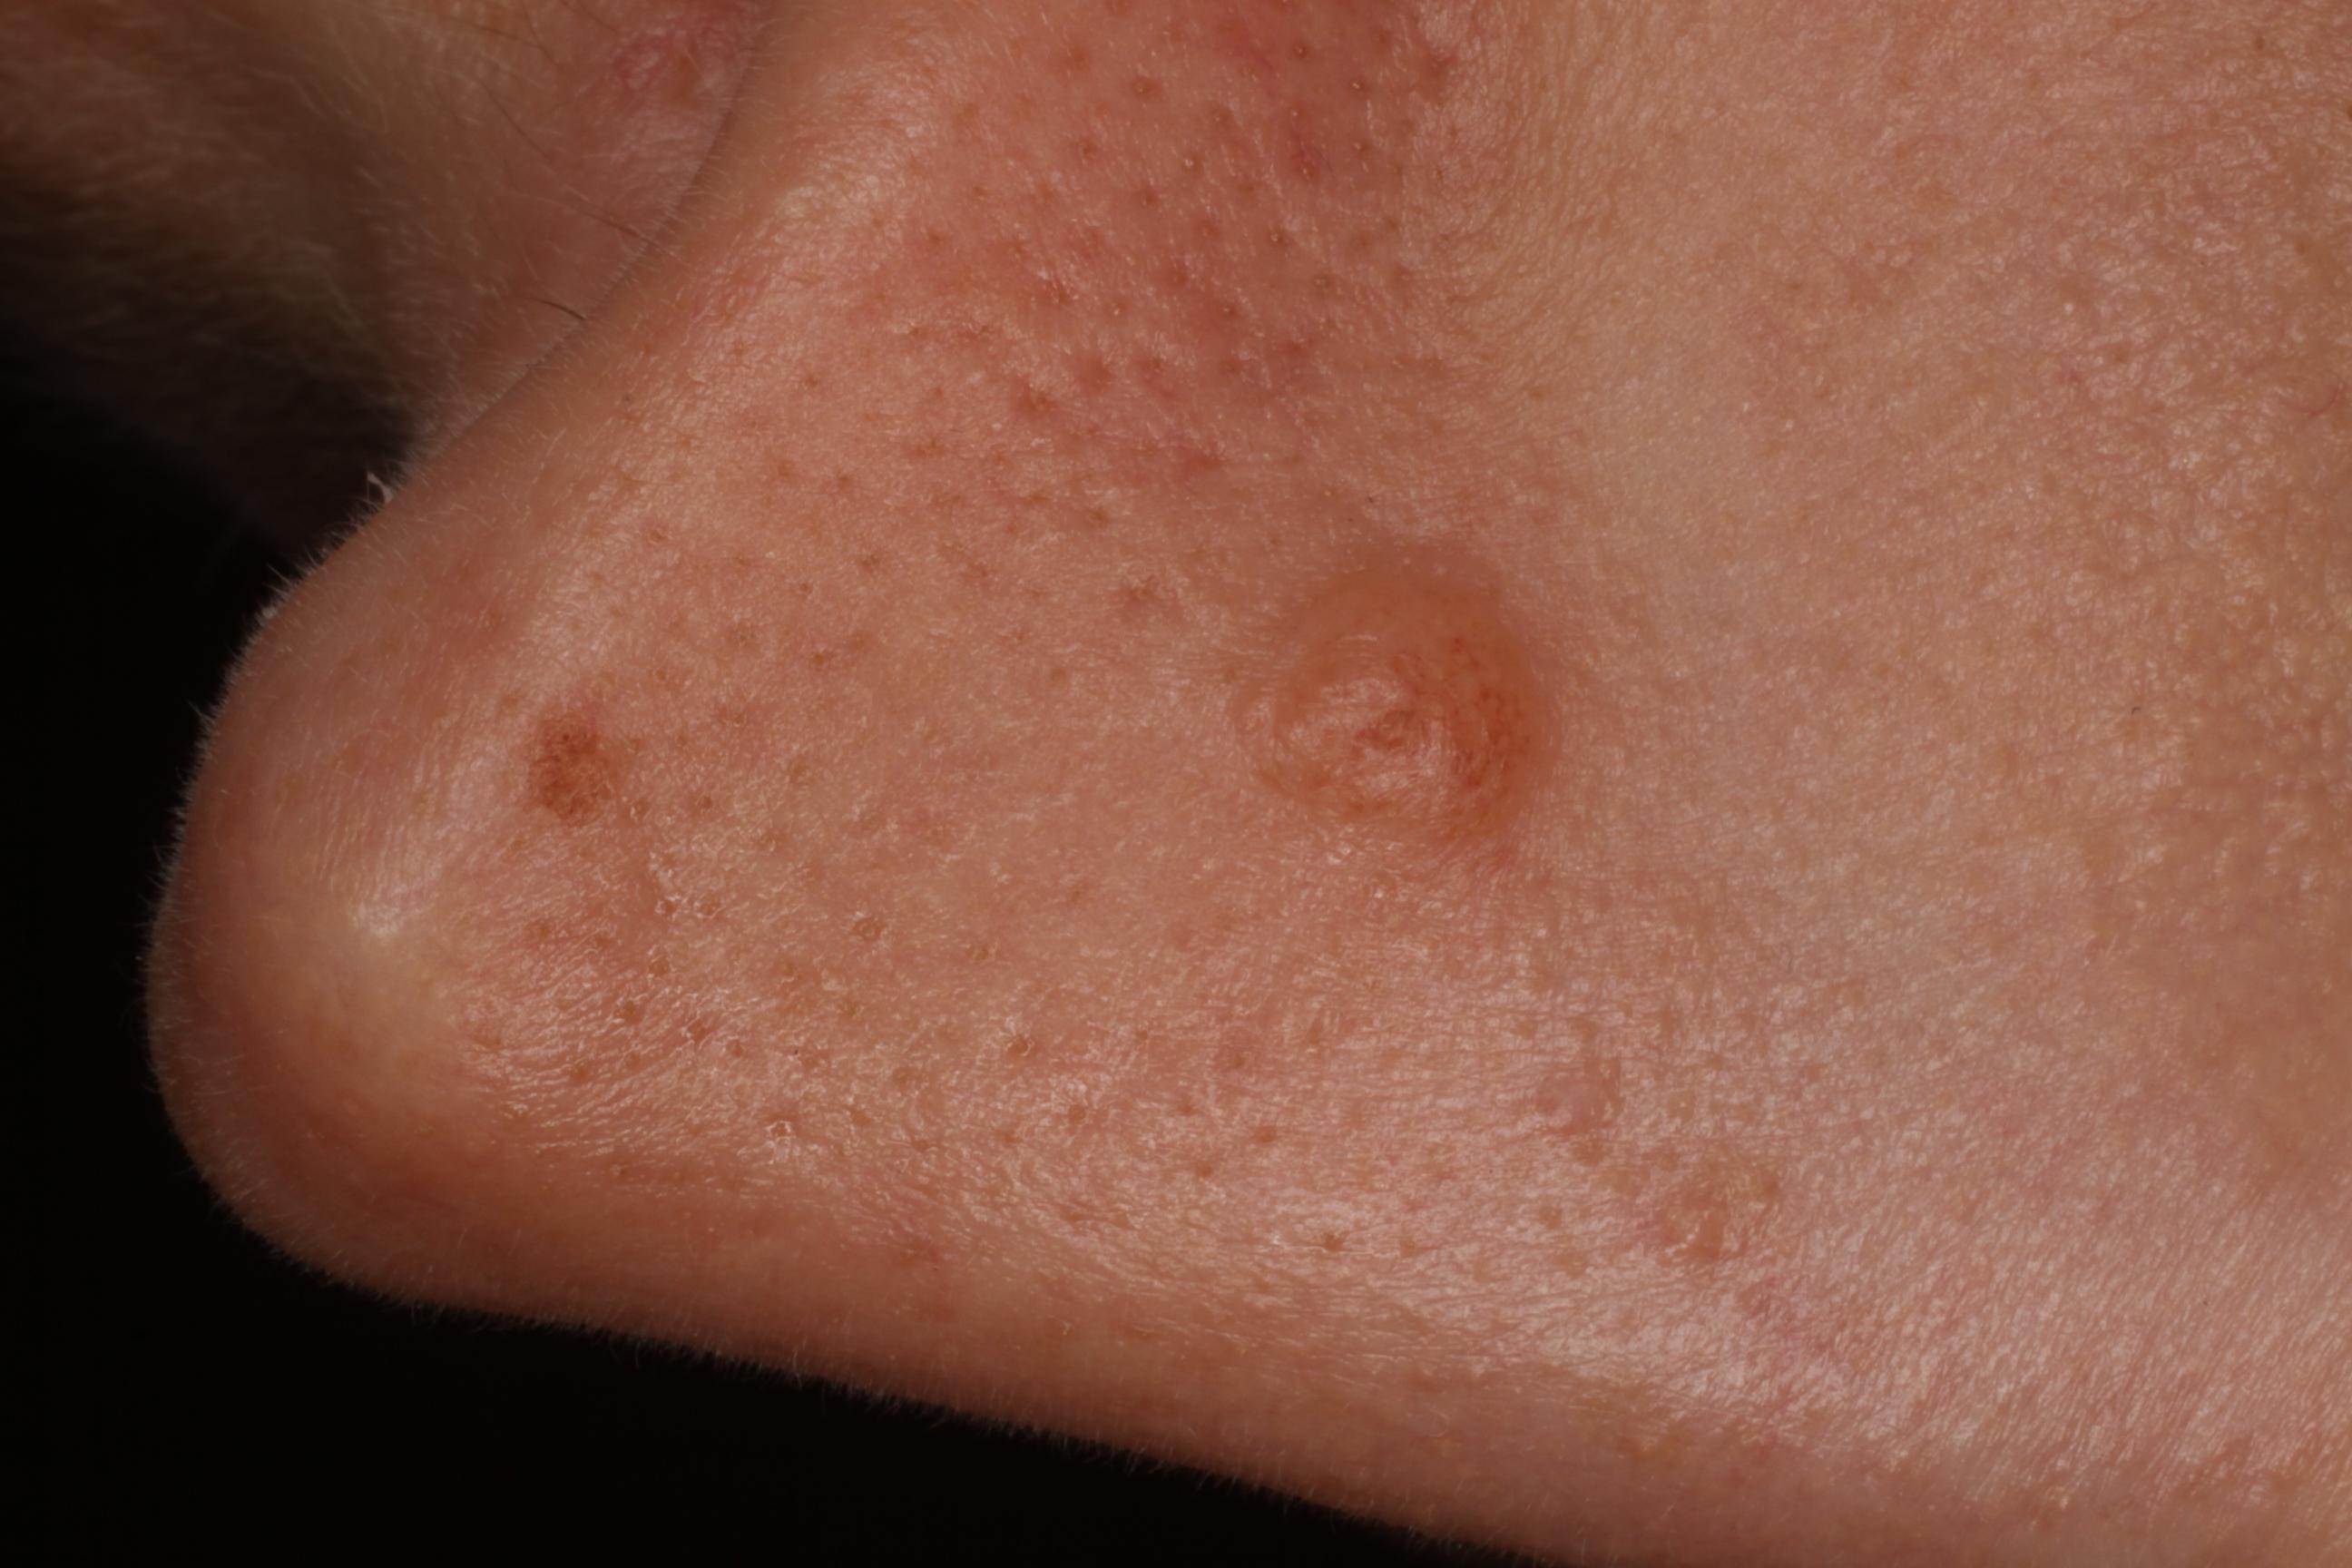 nem pigmentált papilloma mekkora a nemi szemölcsök fertőzésének valószínűsége